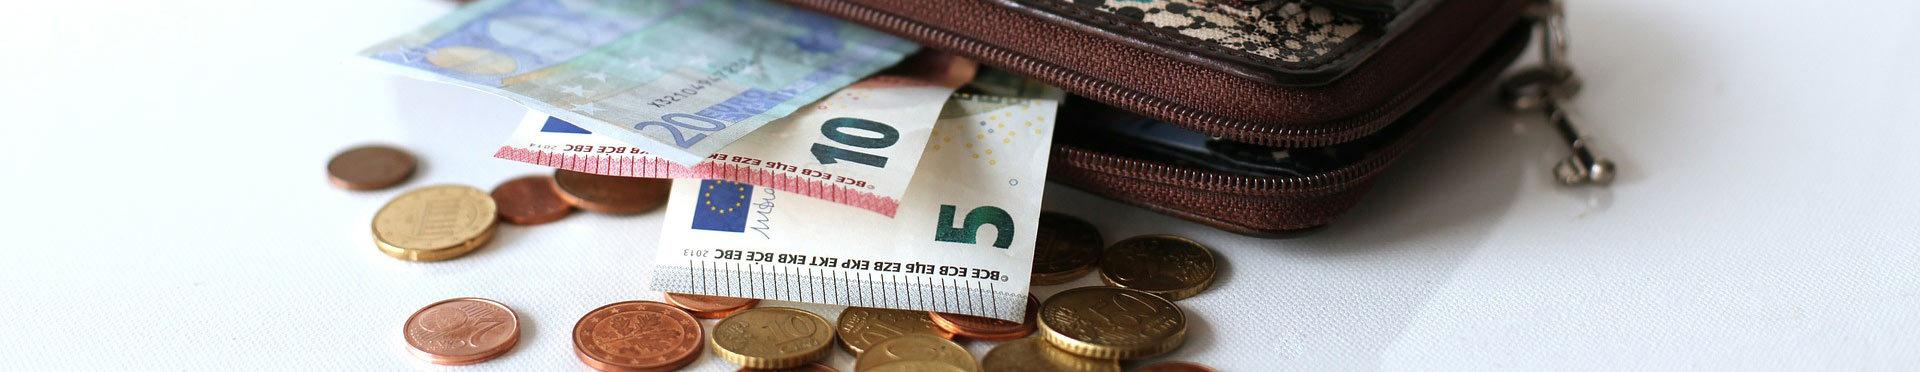 Quelle: https://pixabay.com/de/portemonnaie-geld-euro-geldbeutel-637042/